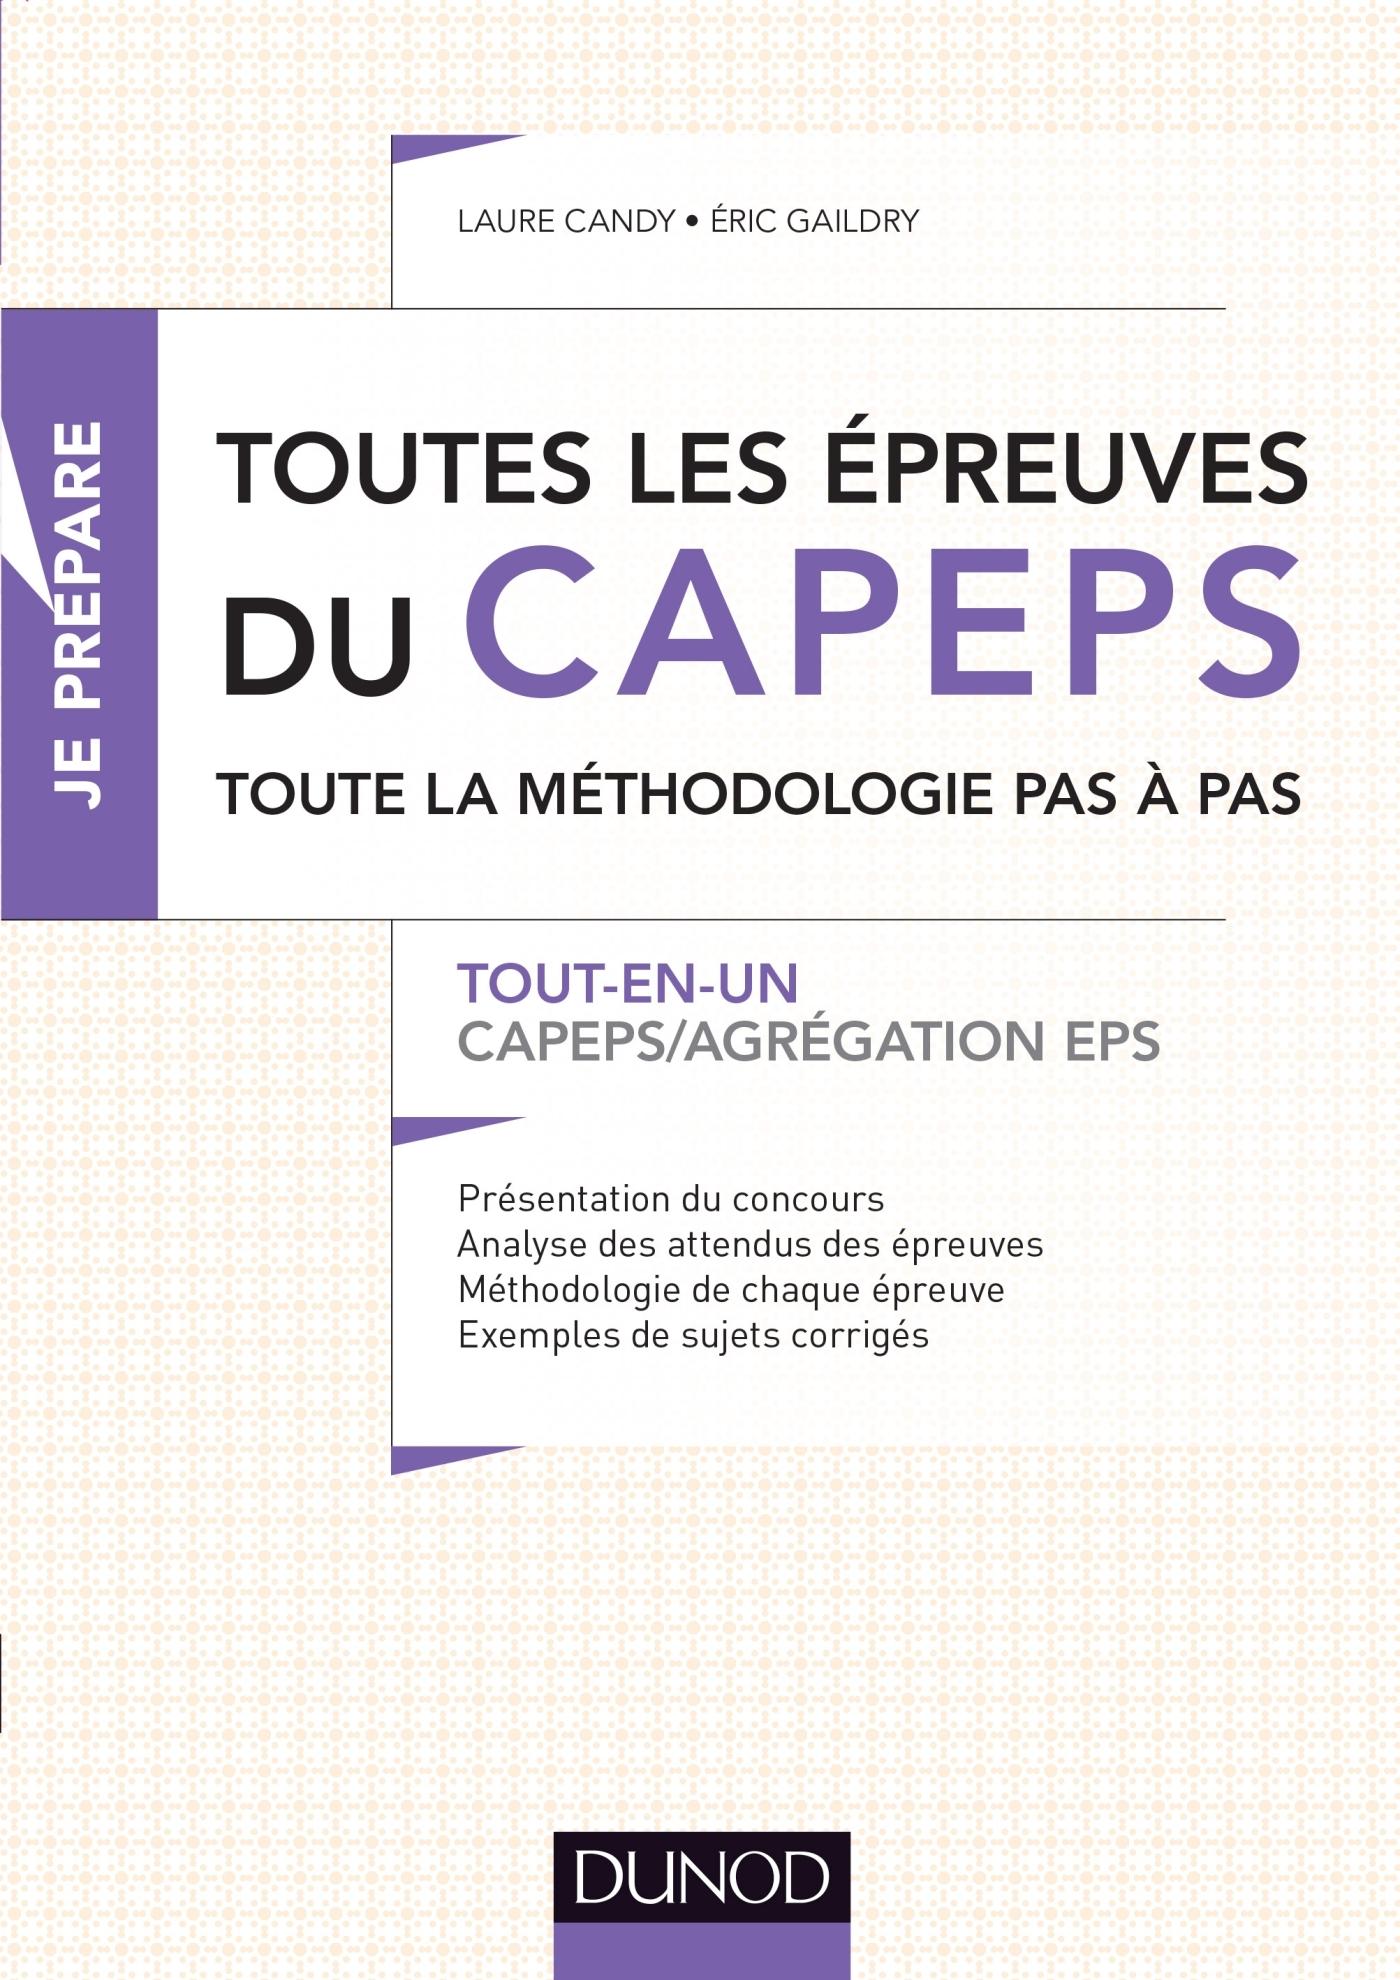 TOUTES LES EPREUVES DU CAPEPS ET DE L'AGREGATION D'EPS - TOUT-EN-UN - CAPEPS / AGREGATION EPS